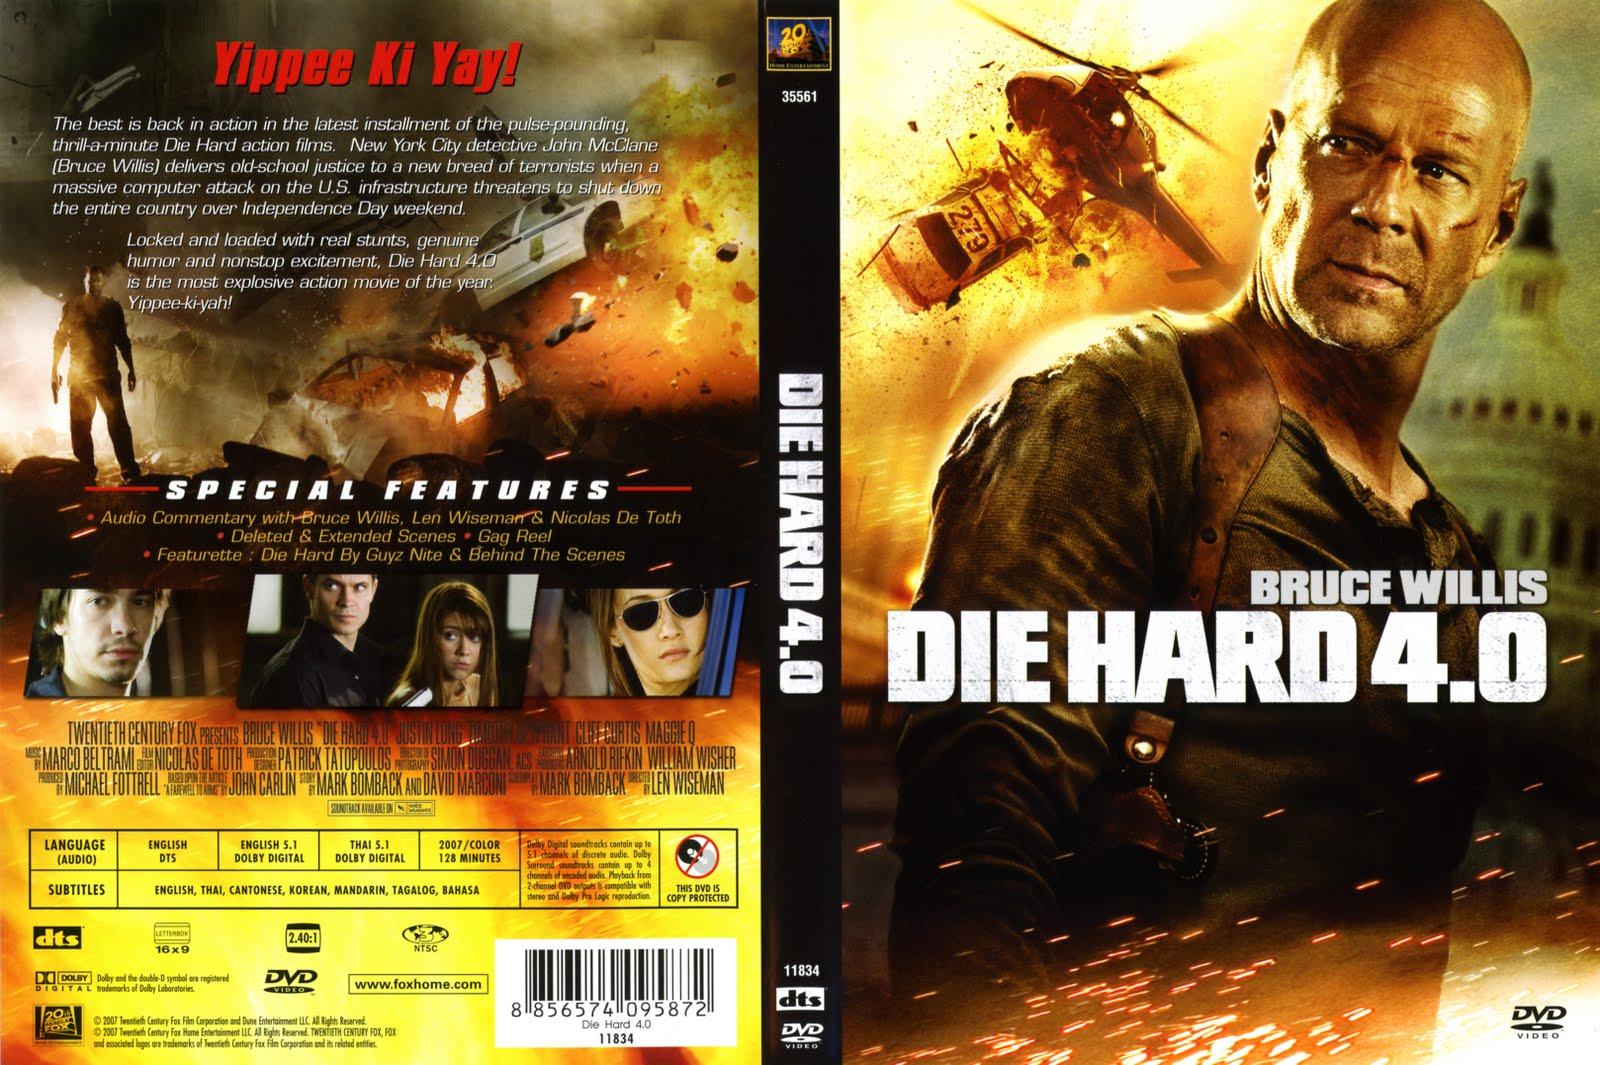 http://3.bp.blogspot.com/_ugYoBfl2DjI/TBtC-96C4gI/AAAAAAAABOs/jQy8Q8-OMbI/s1600/Die+Hard+4.0.jpg